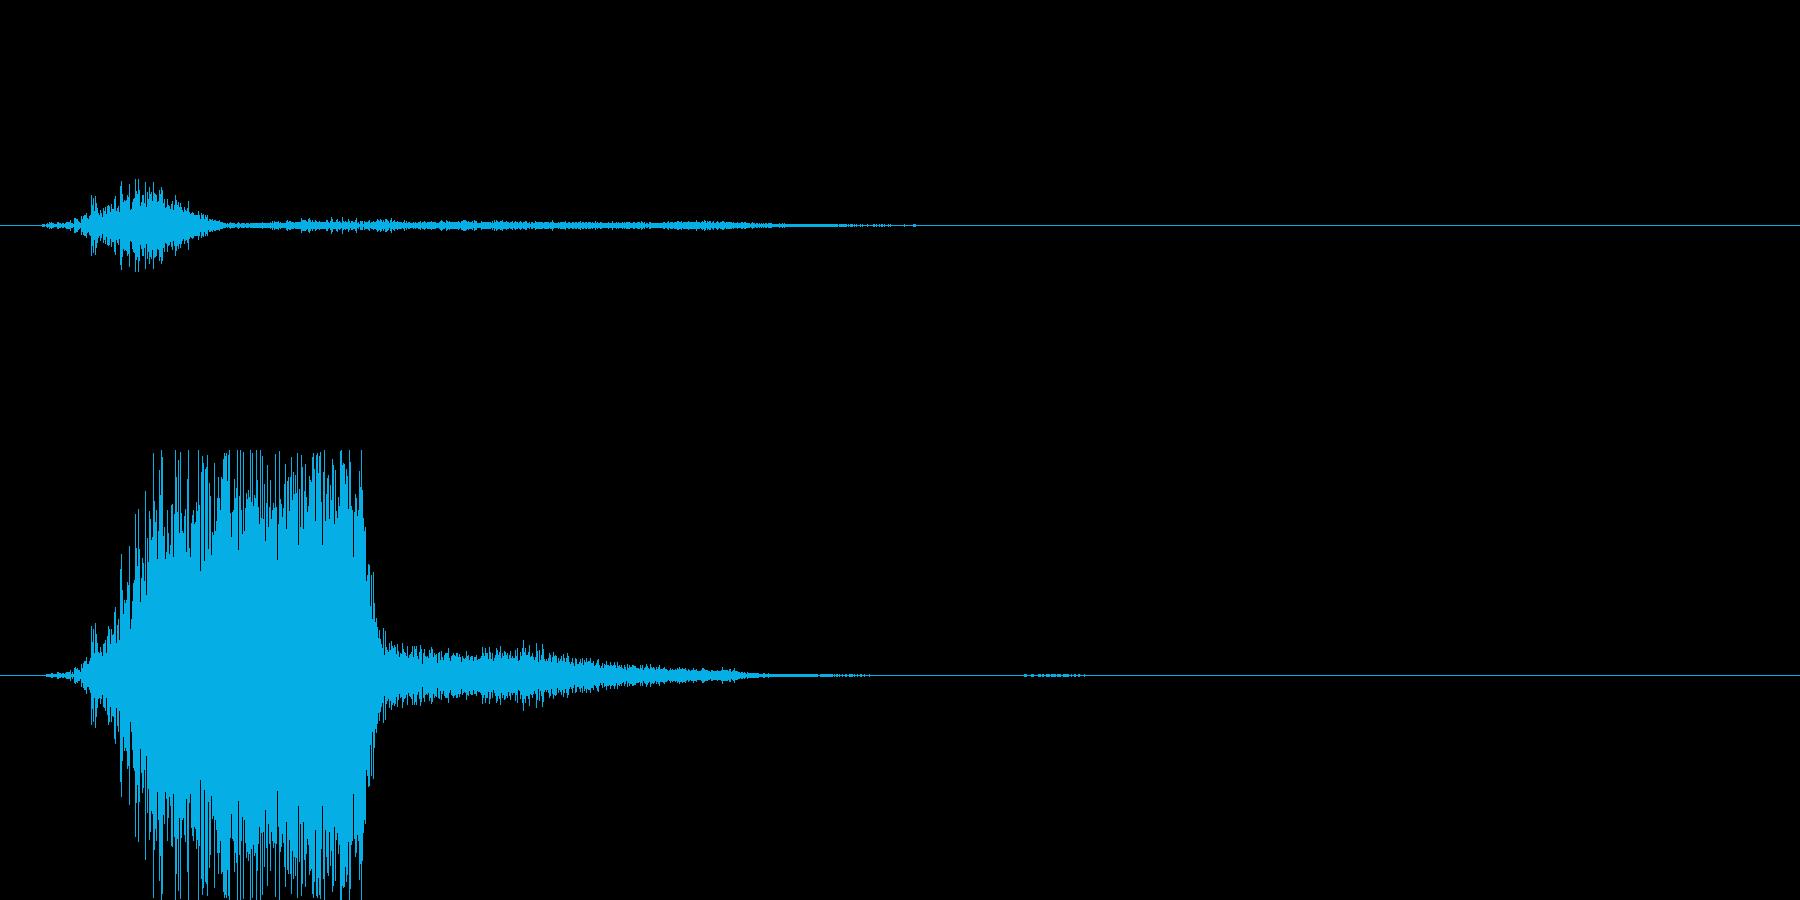 吹き飛ばし音の再生済みの波形